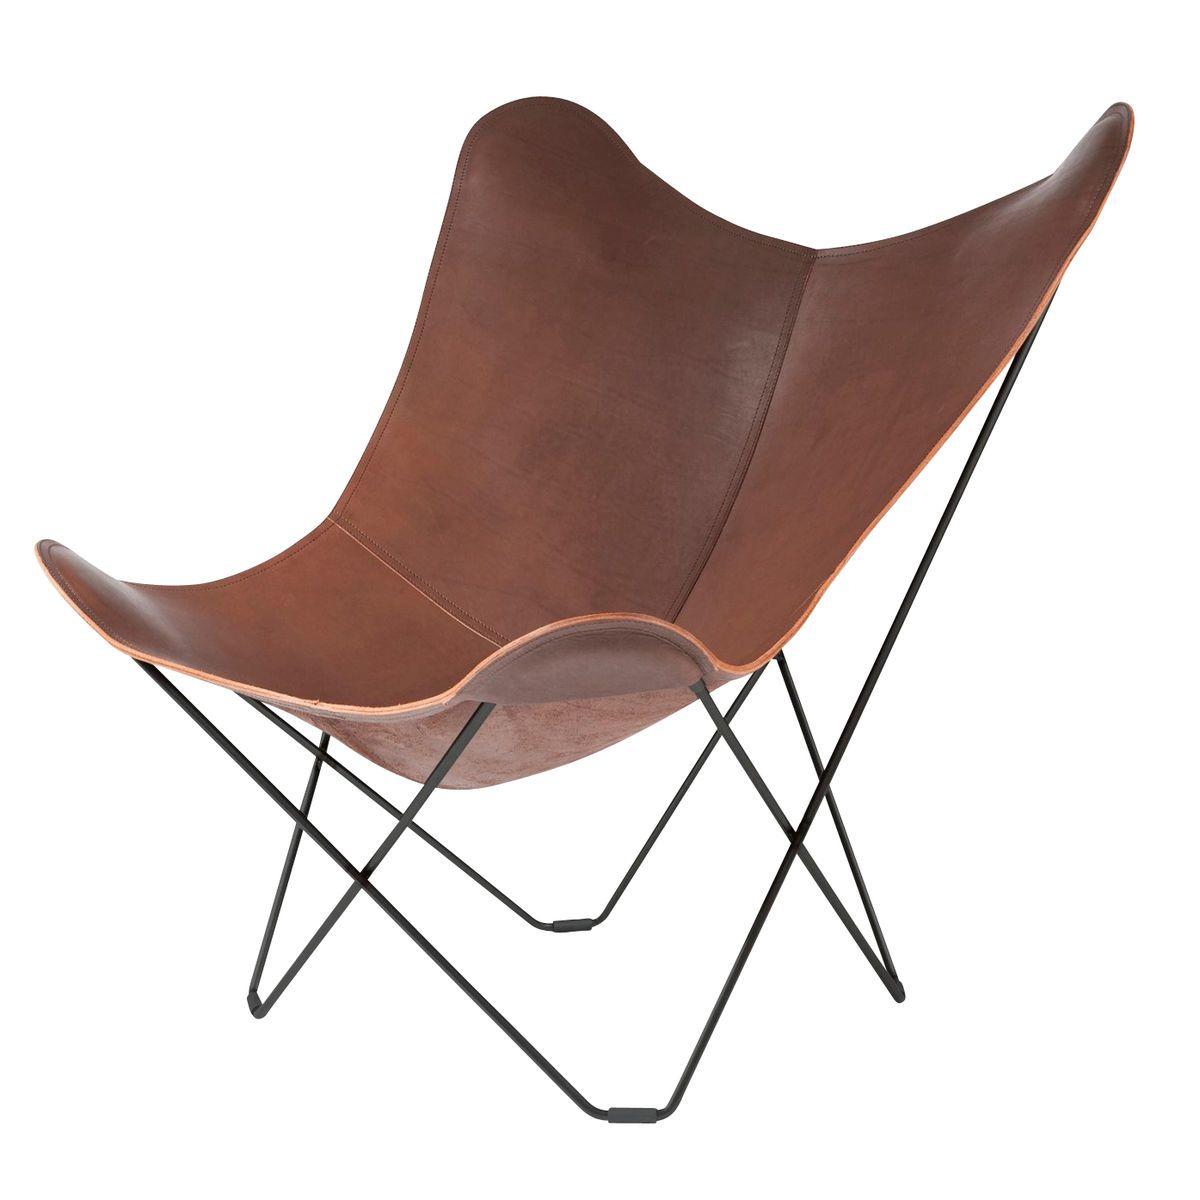 Butterfly chair black - Cuero Pampa Mariposa Butterfly Chair Sessel Dunkelbraun Chocolate 67 Gestell Schwarz